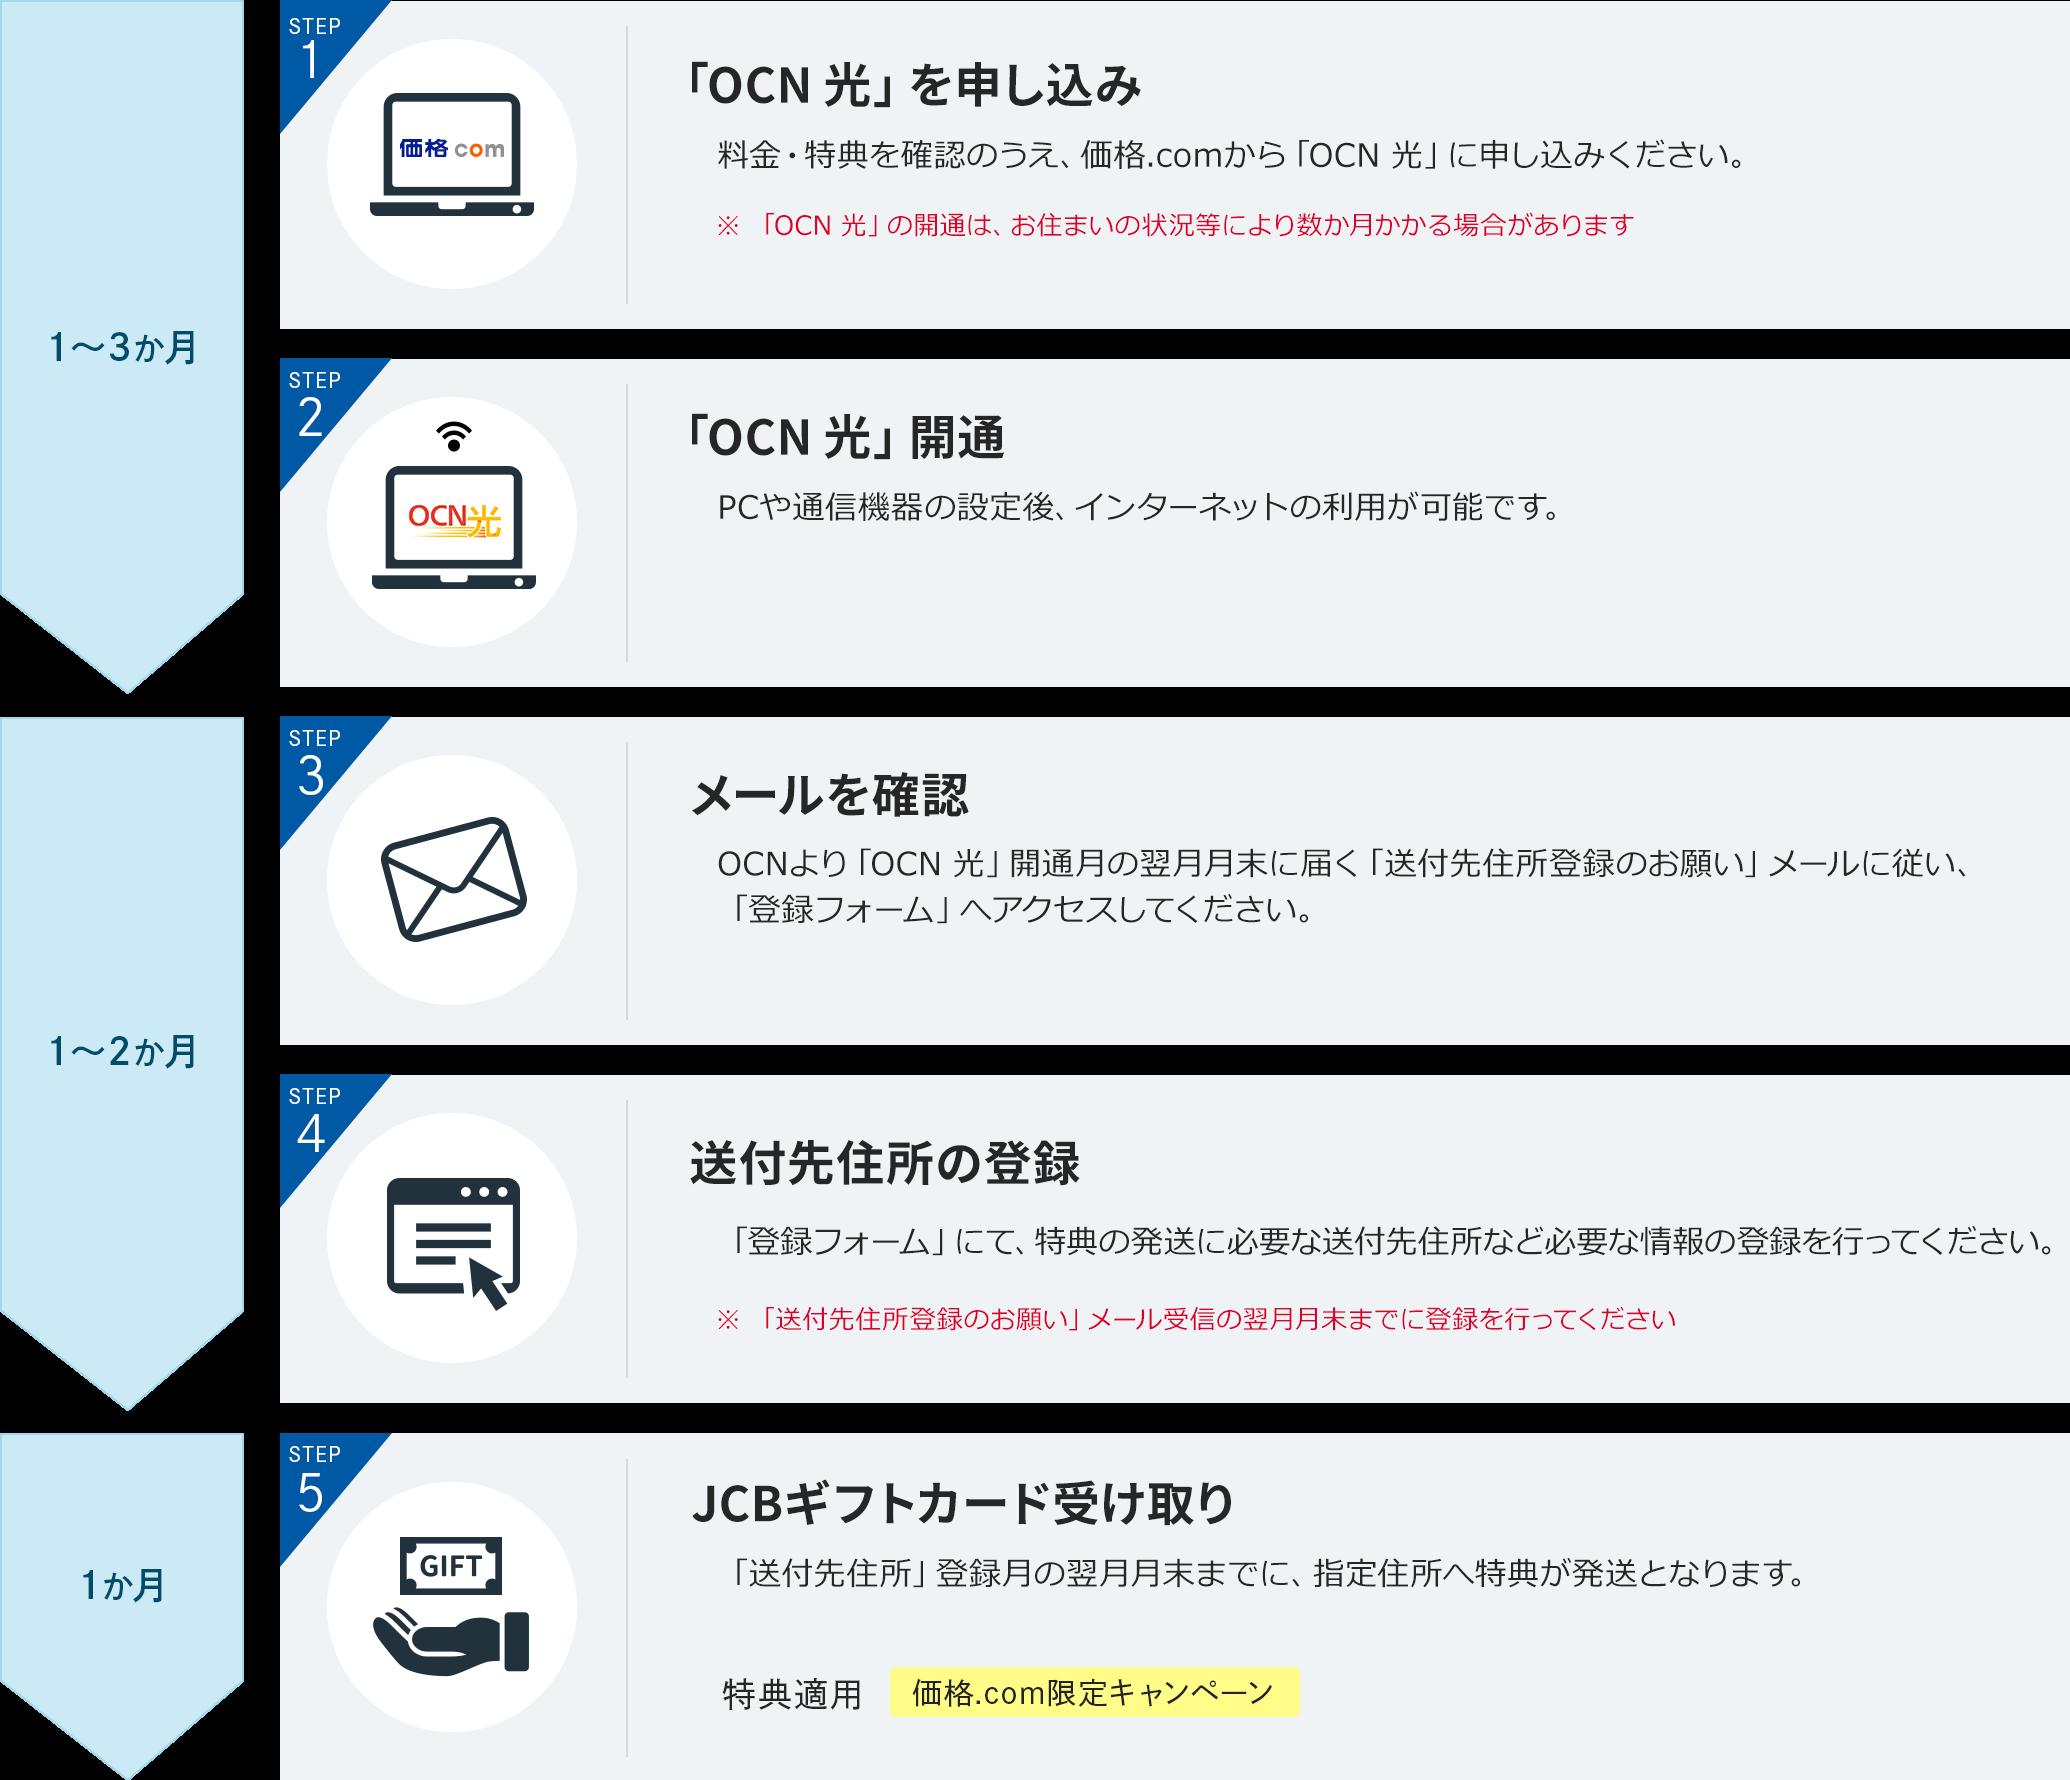 価格.com限定キャンペーン特典適用の流れ